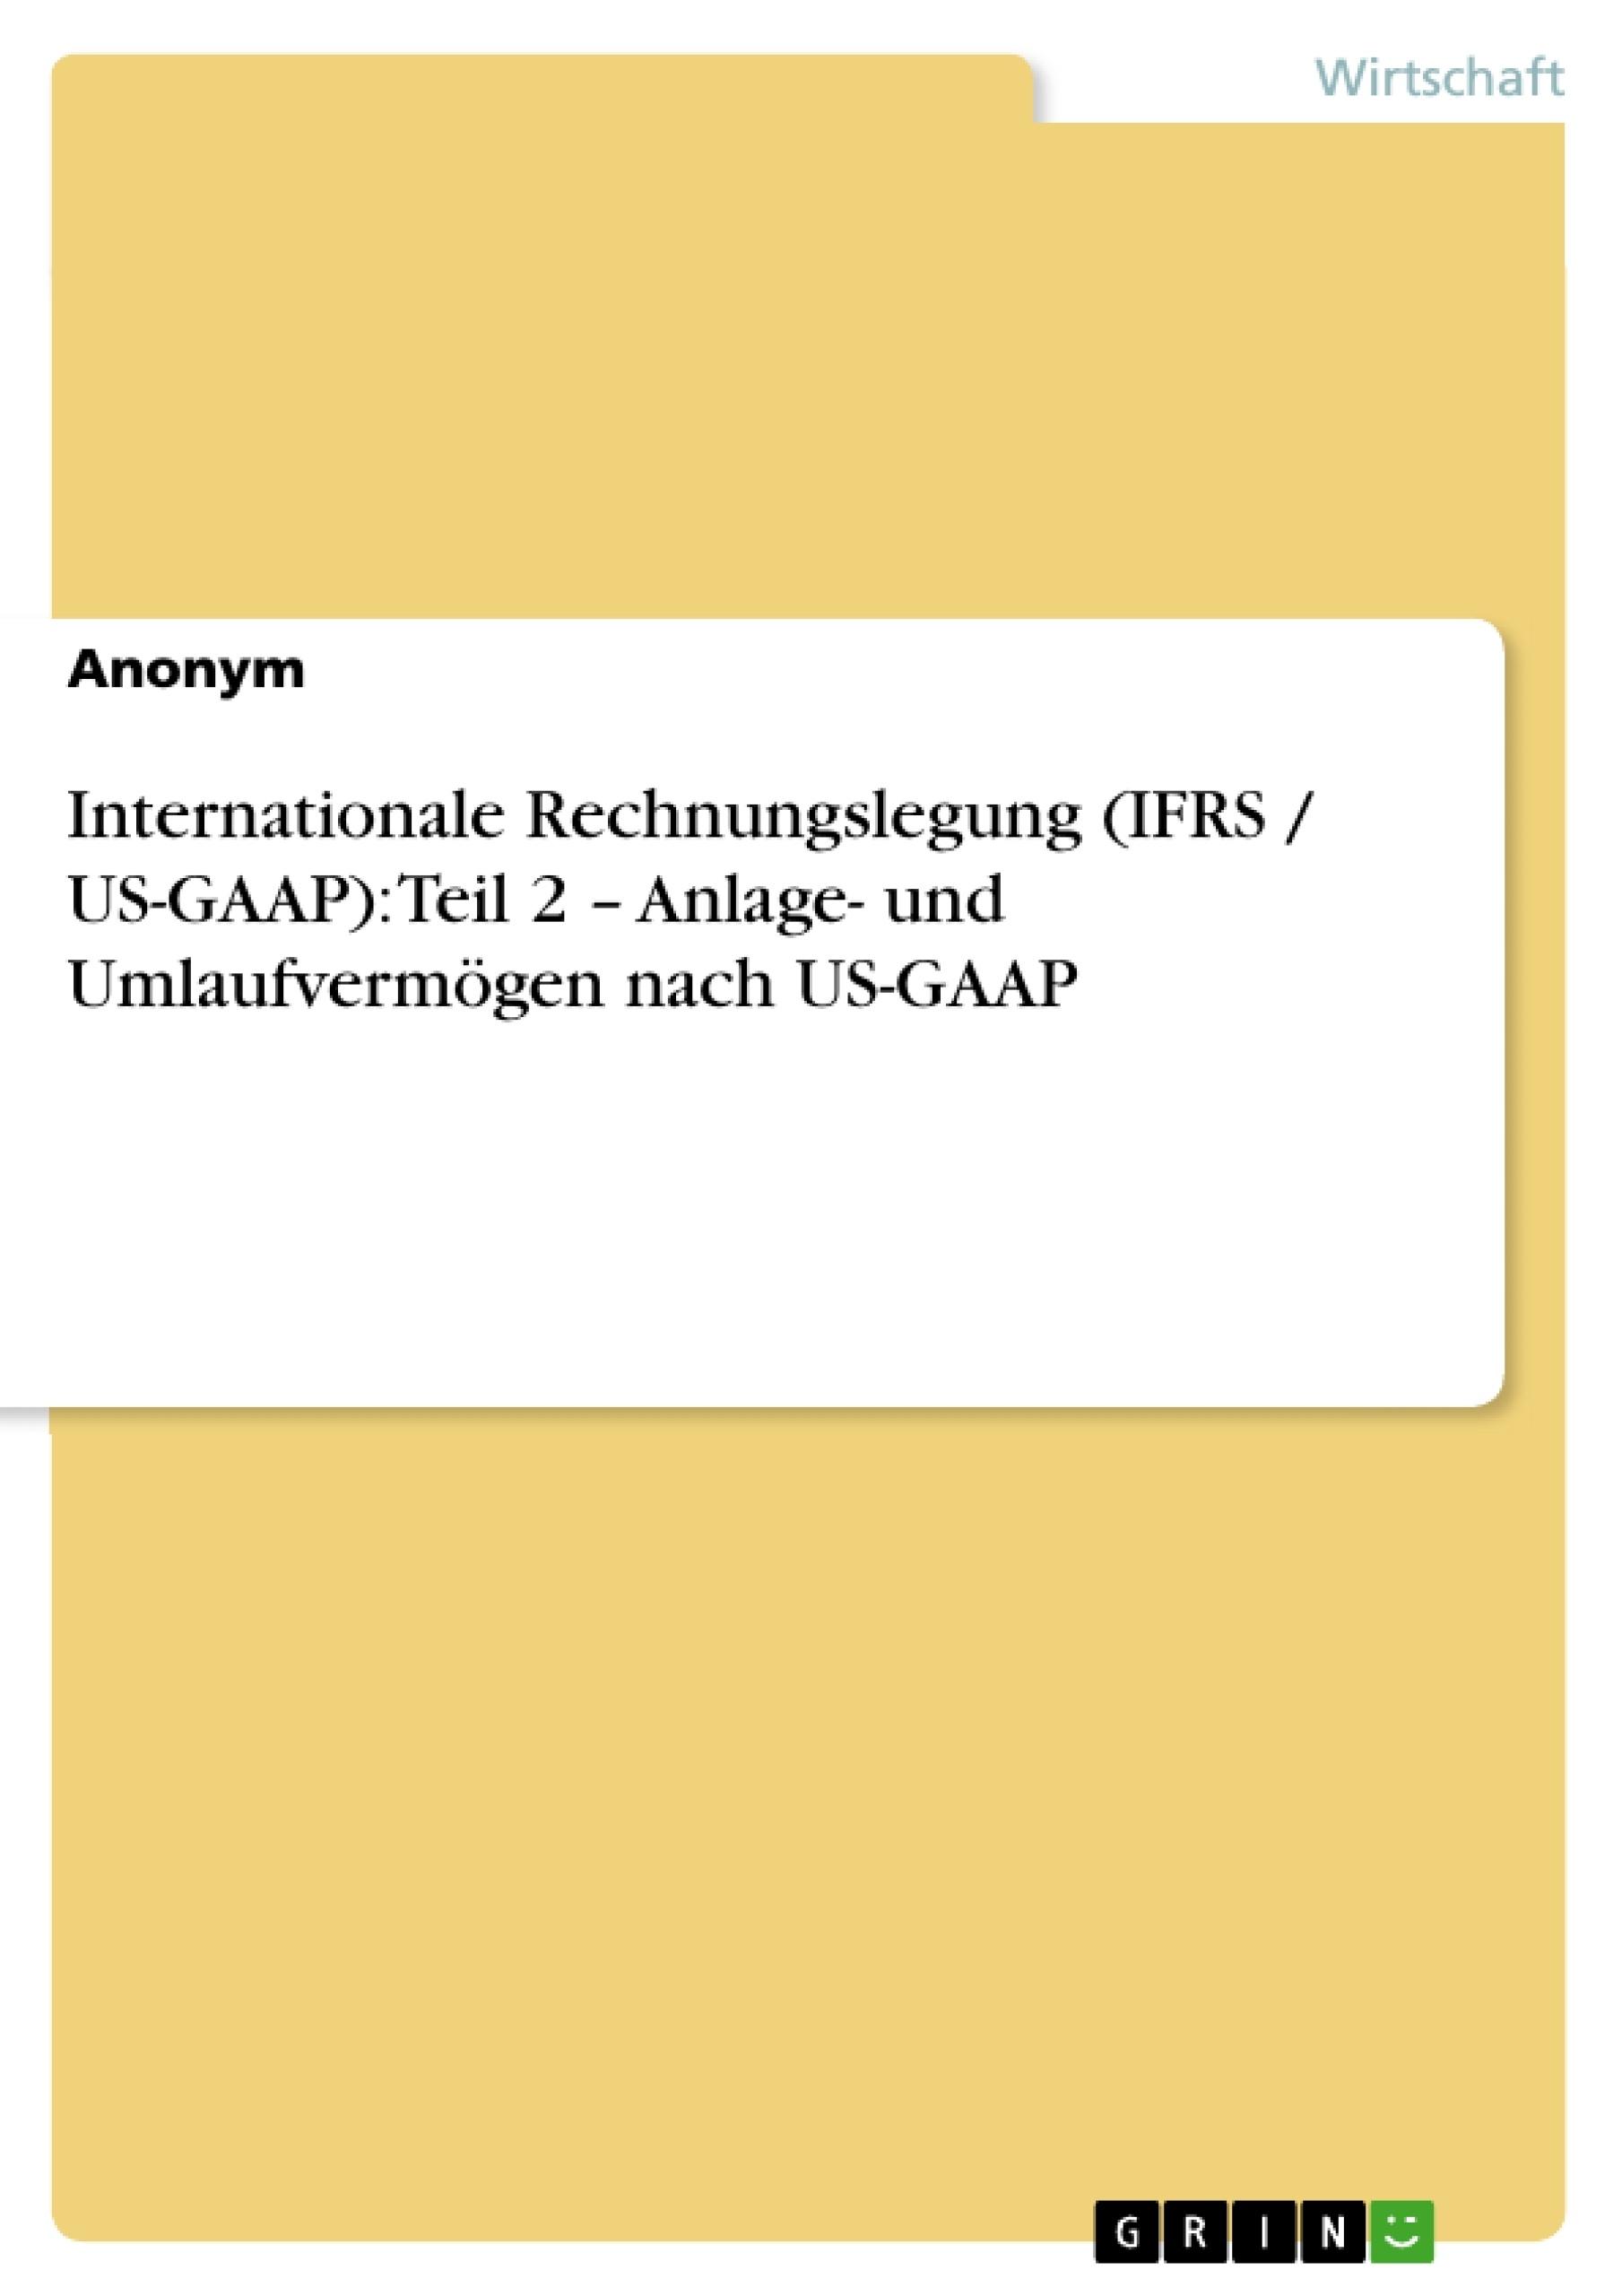 Titel: Internationale Rechnungslegung (IFRS / US-GAAP): Teil 2 – Anlage- und Umlaufvermögen nach US-GAAP